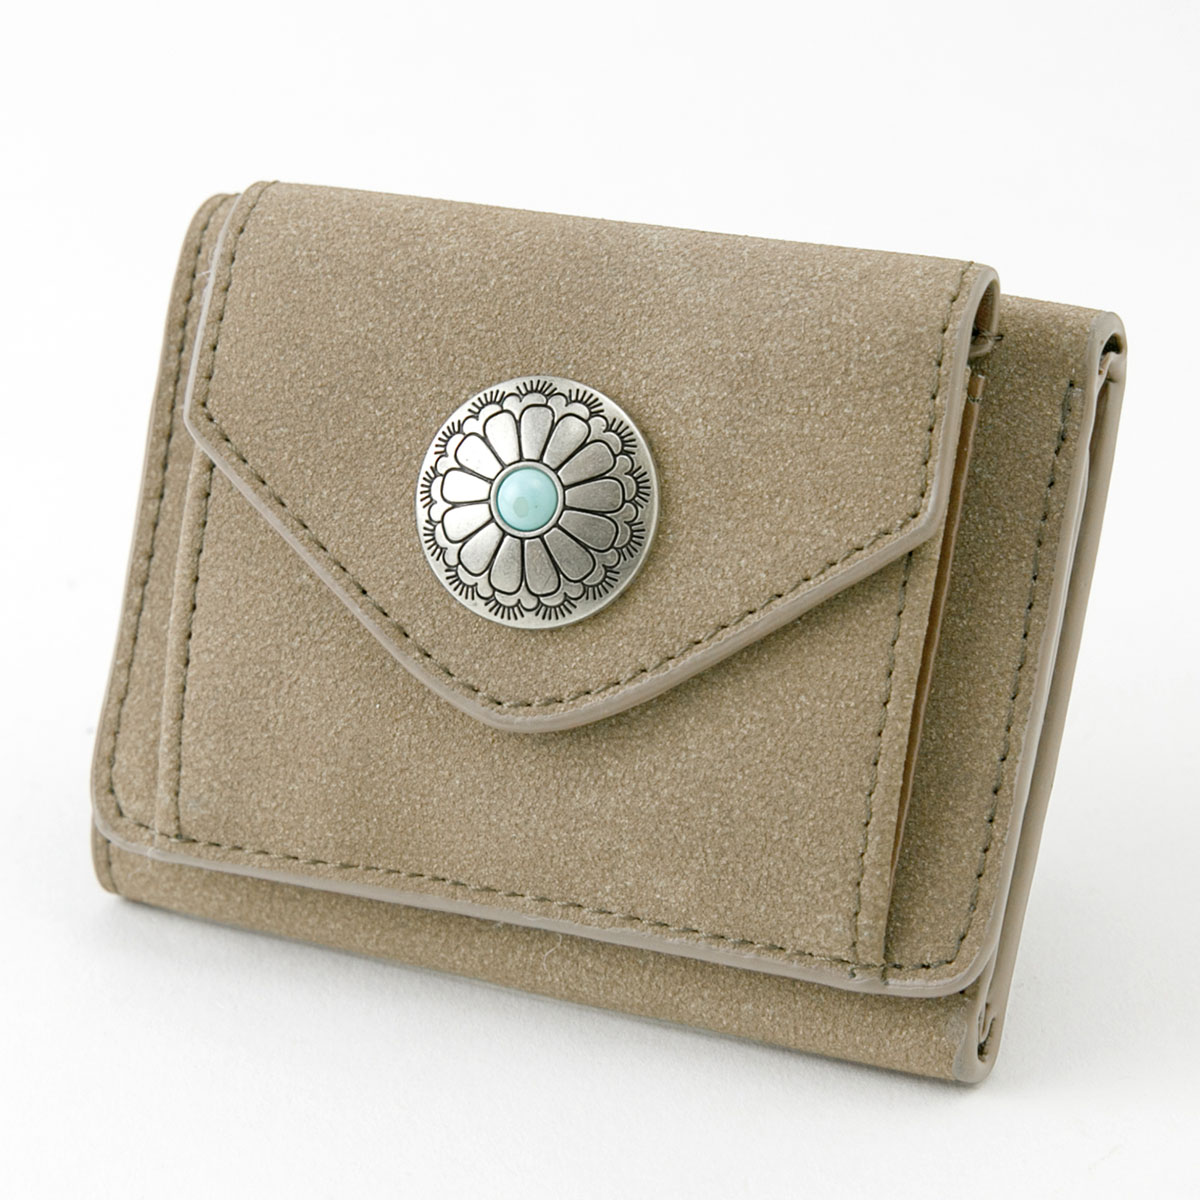 新色入荷☆コンチョ付き 三つ折り財布 ミニ財布 [デイ] / レディース ウォレット 小銭入れ